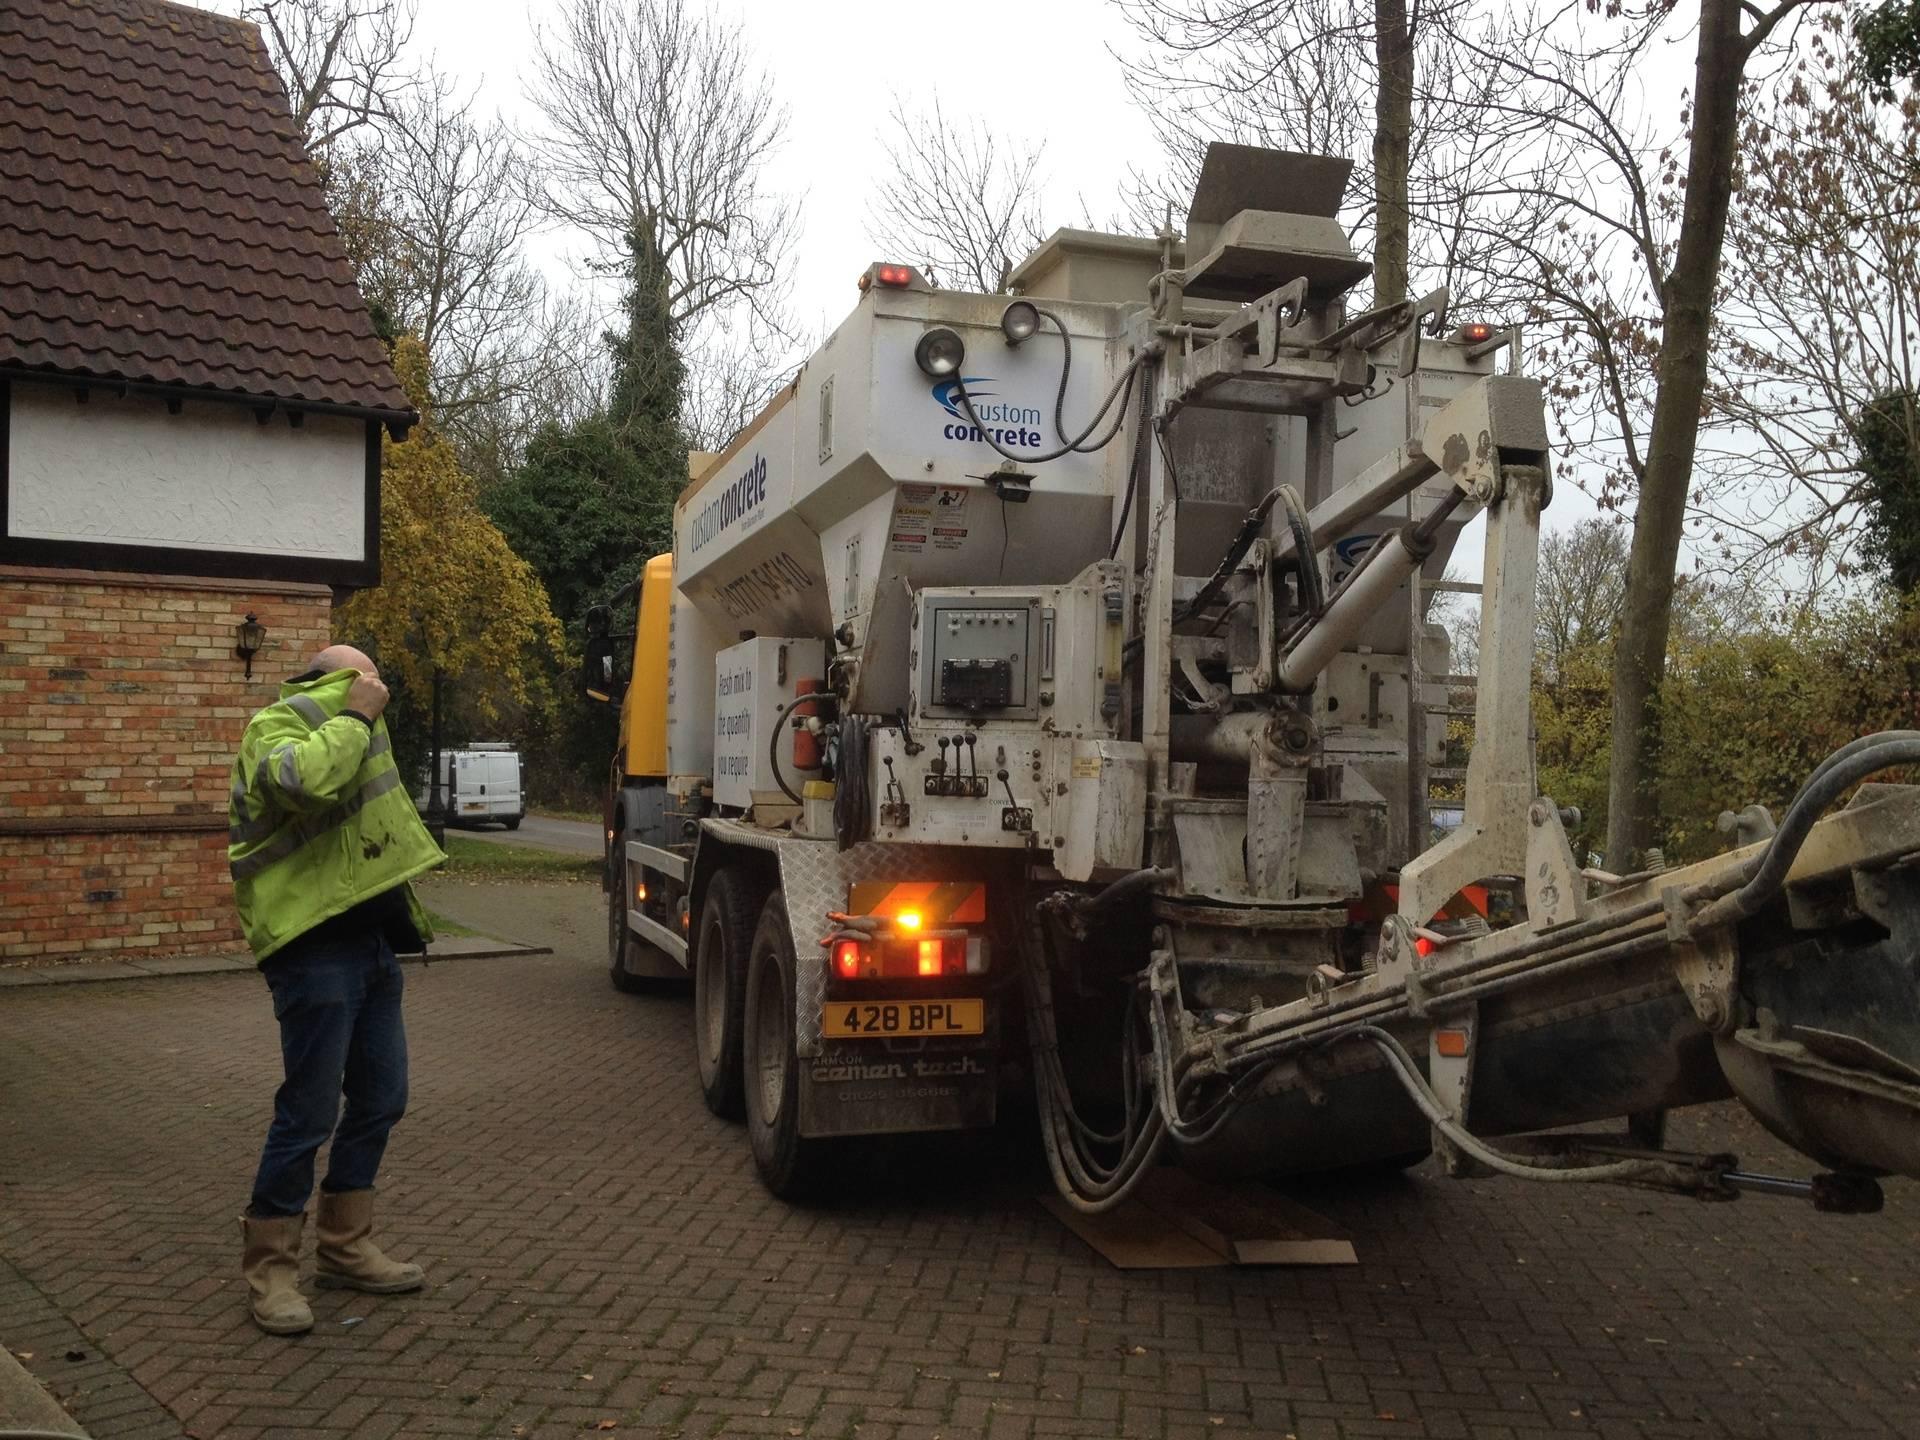 Concrete mix arrives